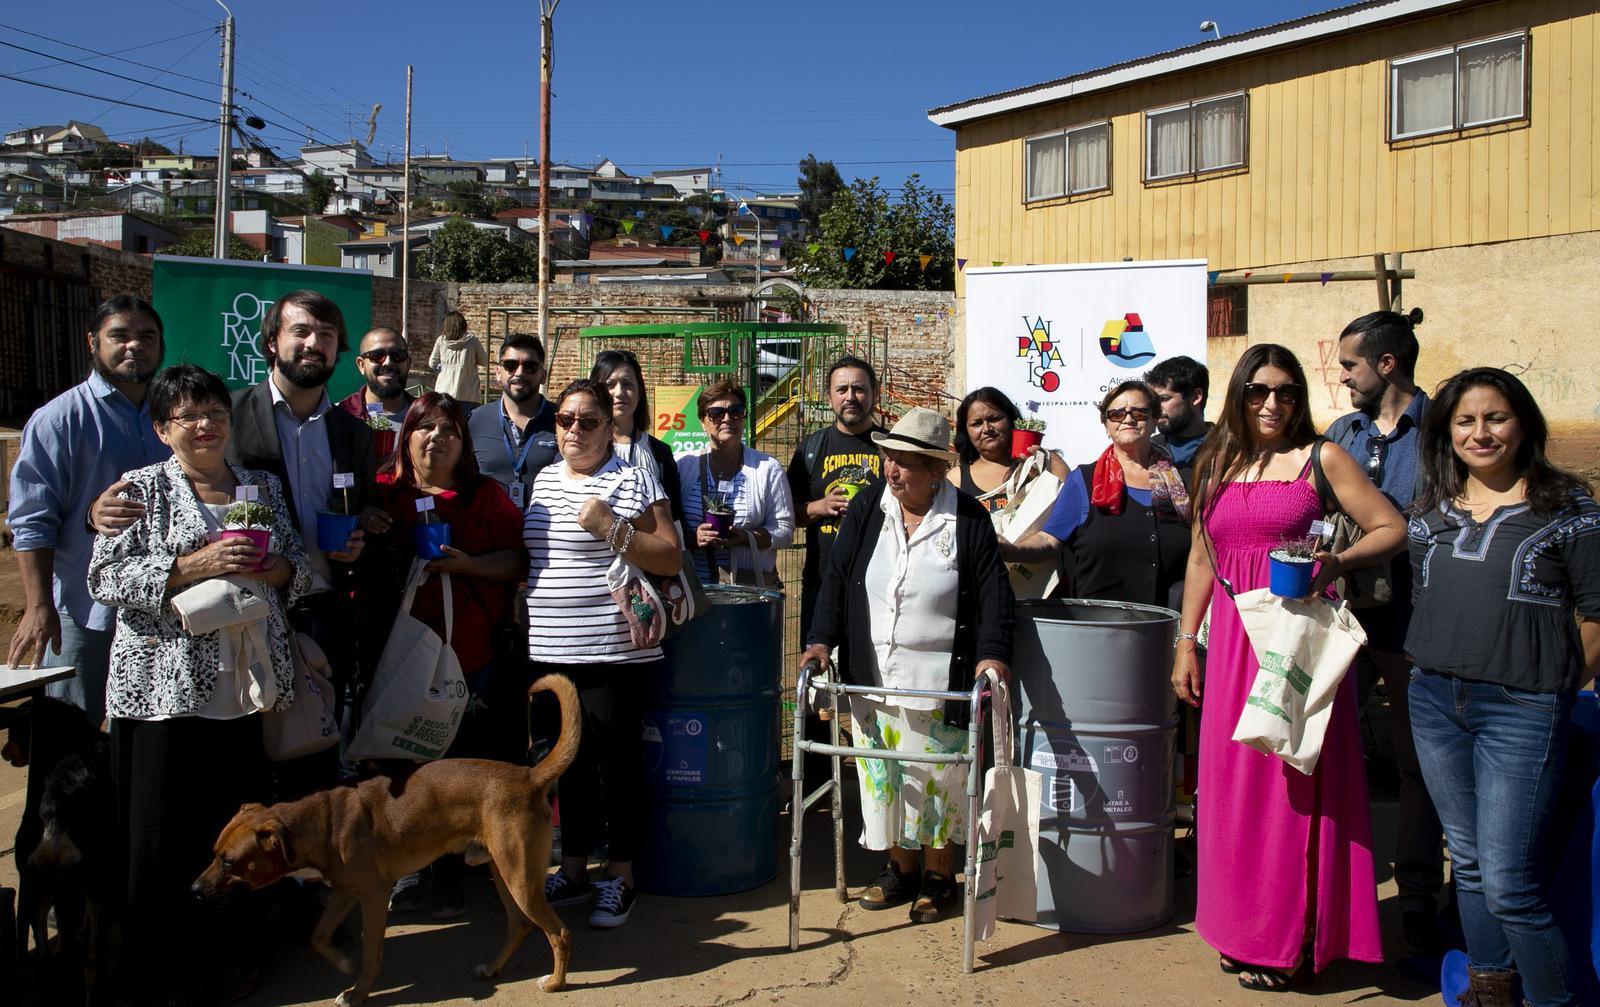 Reactivación vecinal: La receta contra la delincuencia y el desinterés por los barrios